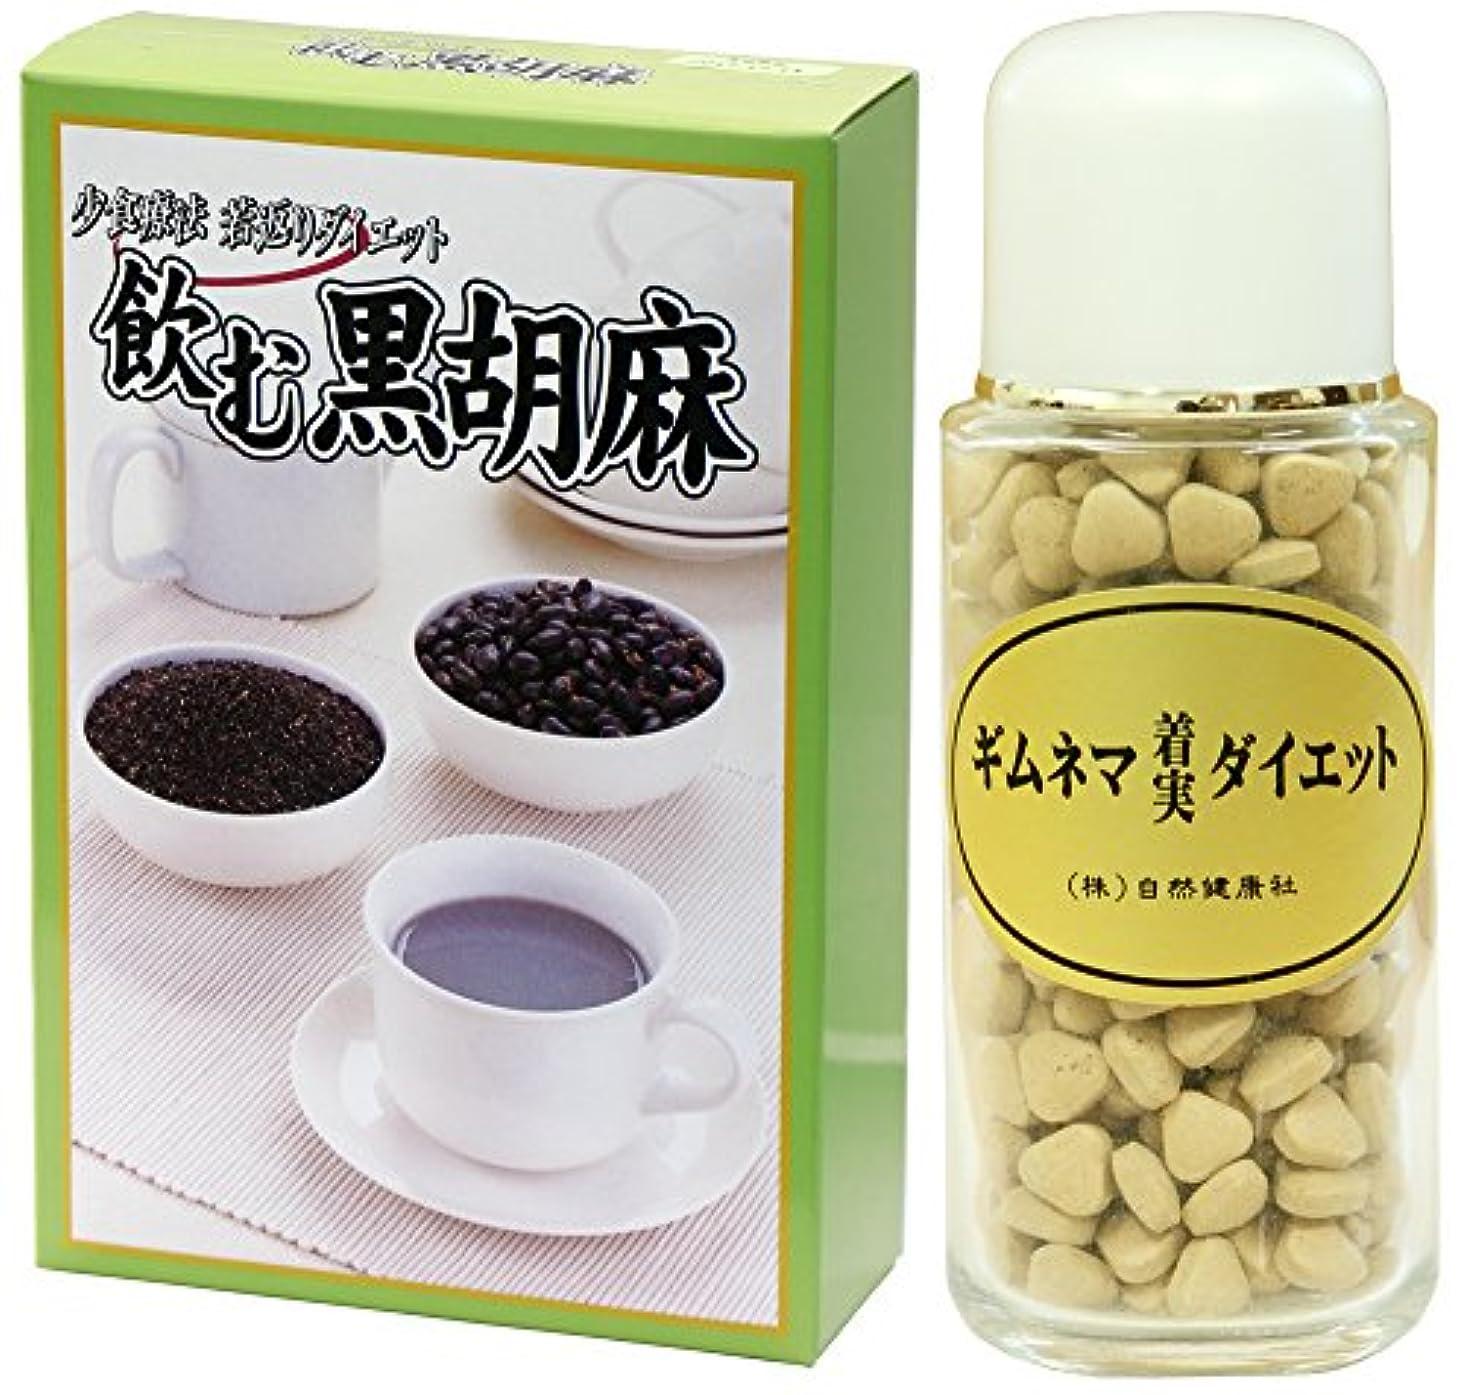 松の木近代化する立法自然健康社 飲む黒胡麻?箱 16食 + ギムネマダイエット 90g